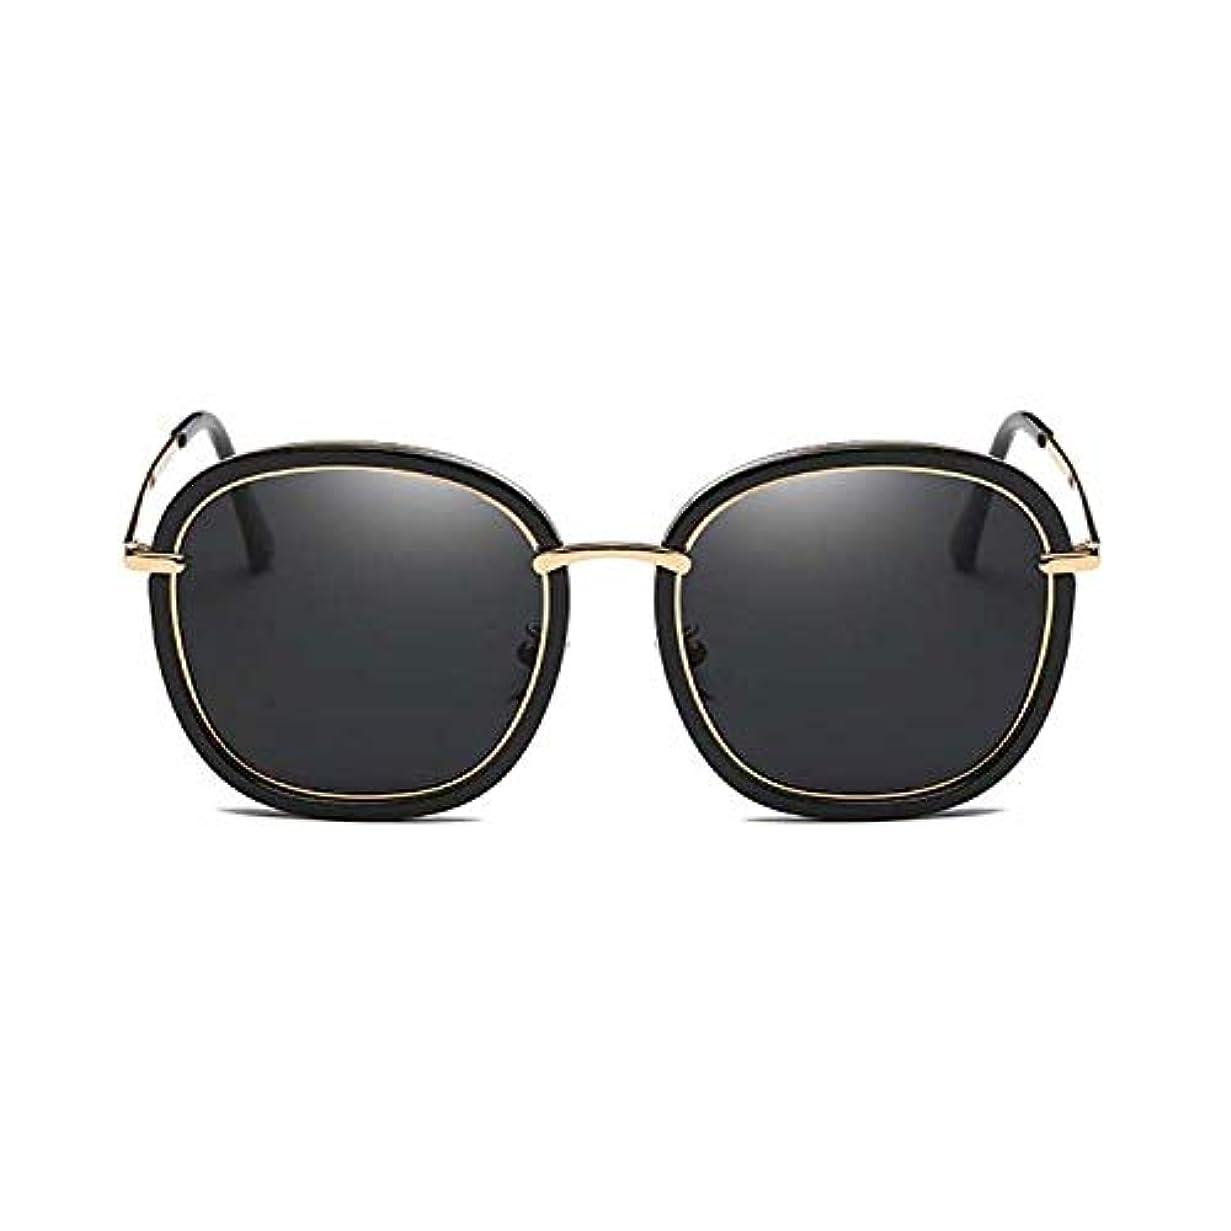 速報銅バイナリDiffomatealliance Glasses メガネファクトリー女性ファッションUV400ラウンドフレーム偏光サングラス(ブラック+グレー)